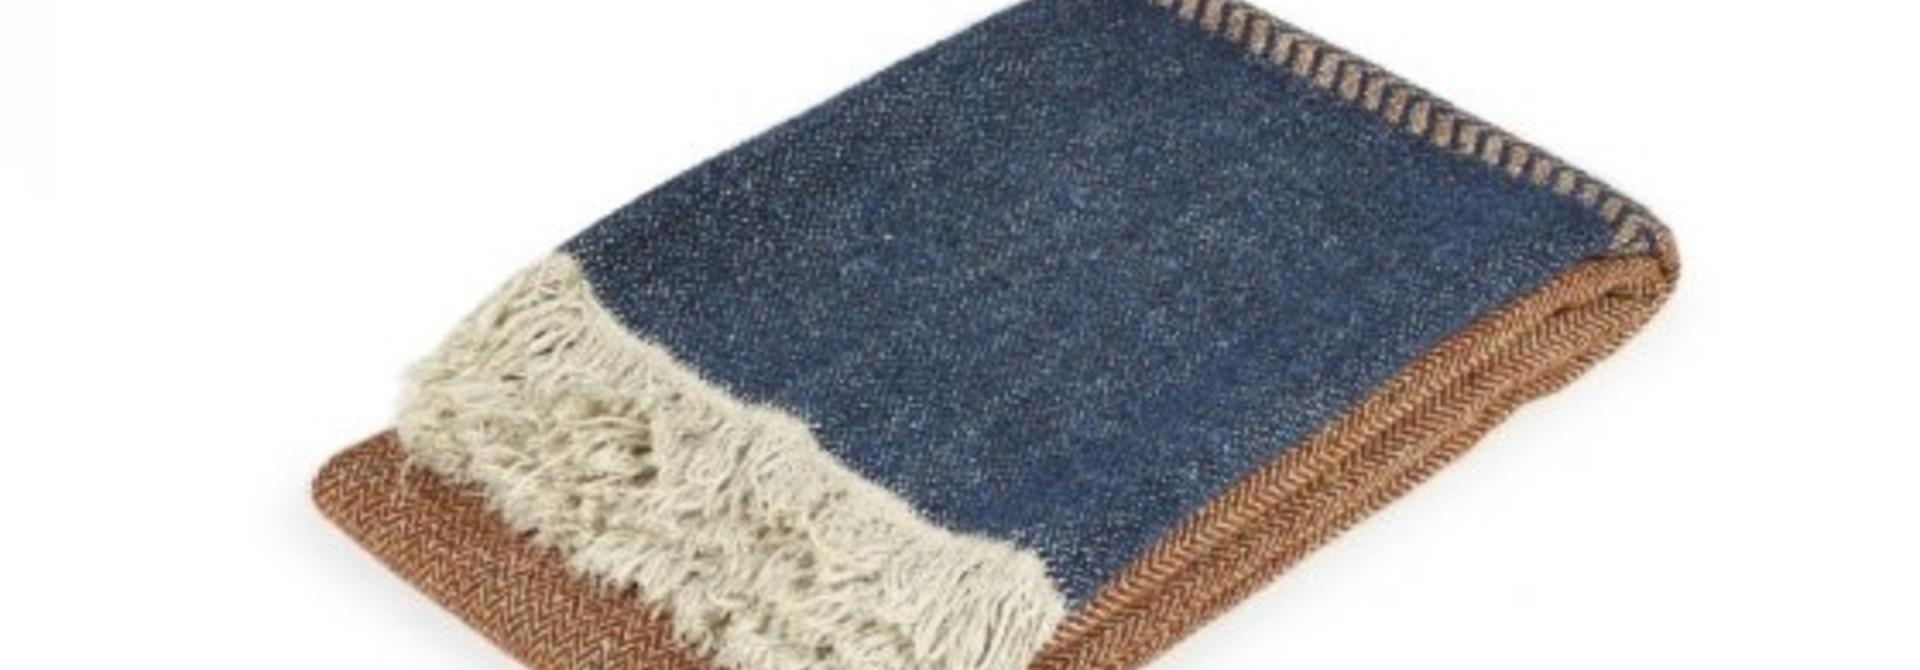 Blanket/Throw - Jules - Rust